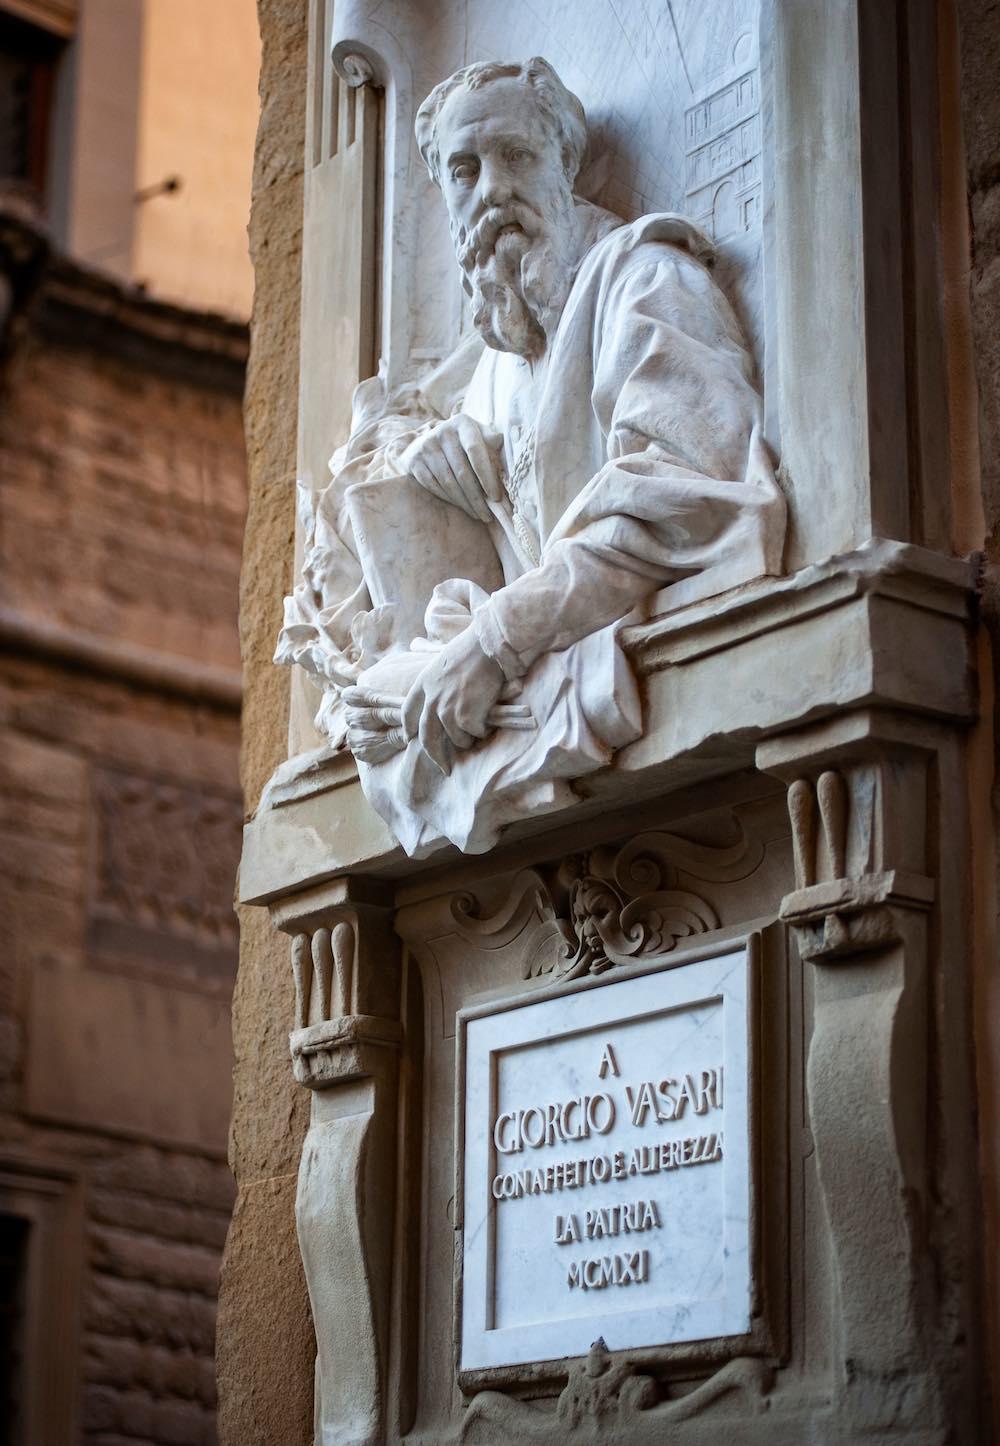 Statua di Giorgio Vasari ad Arezzo